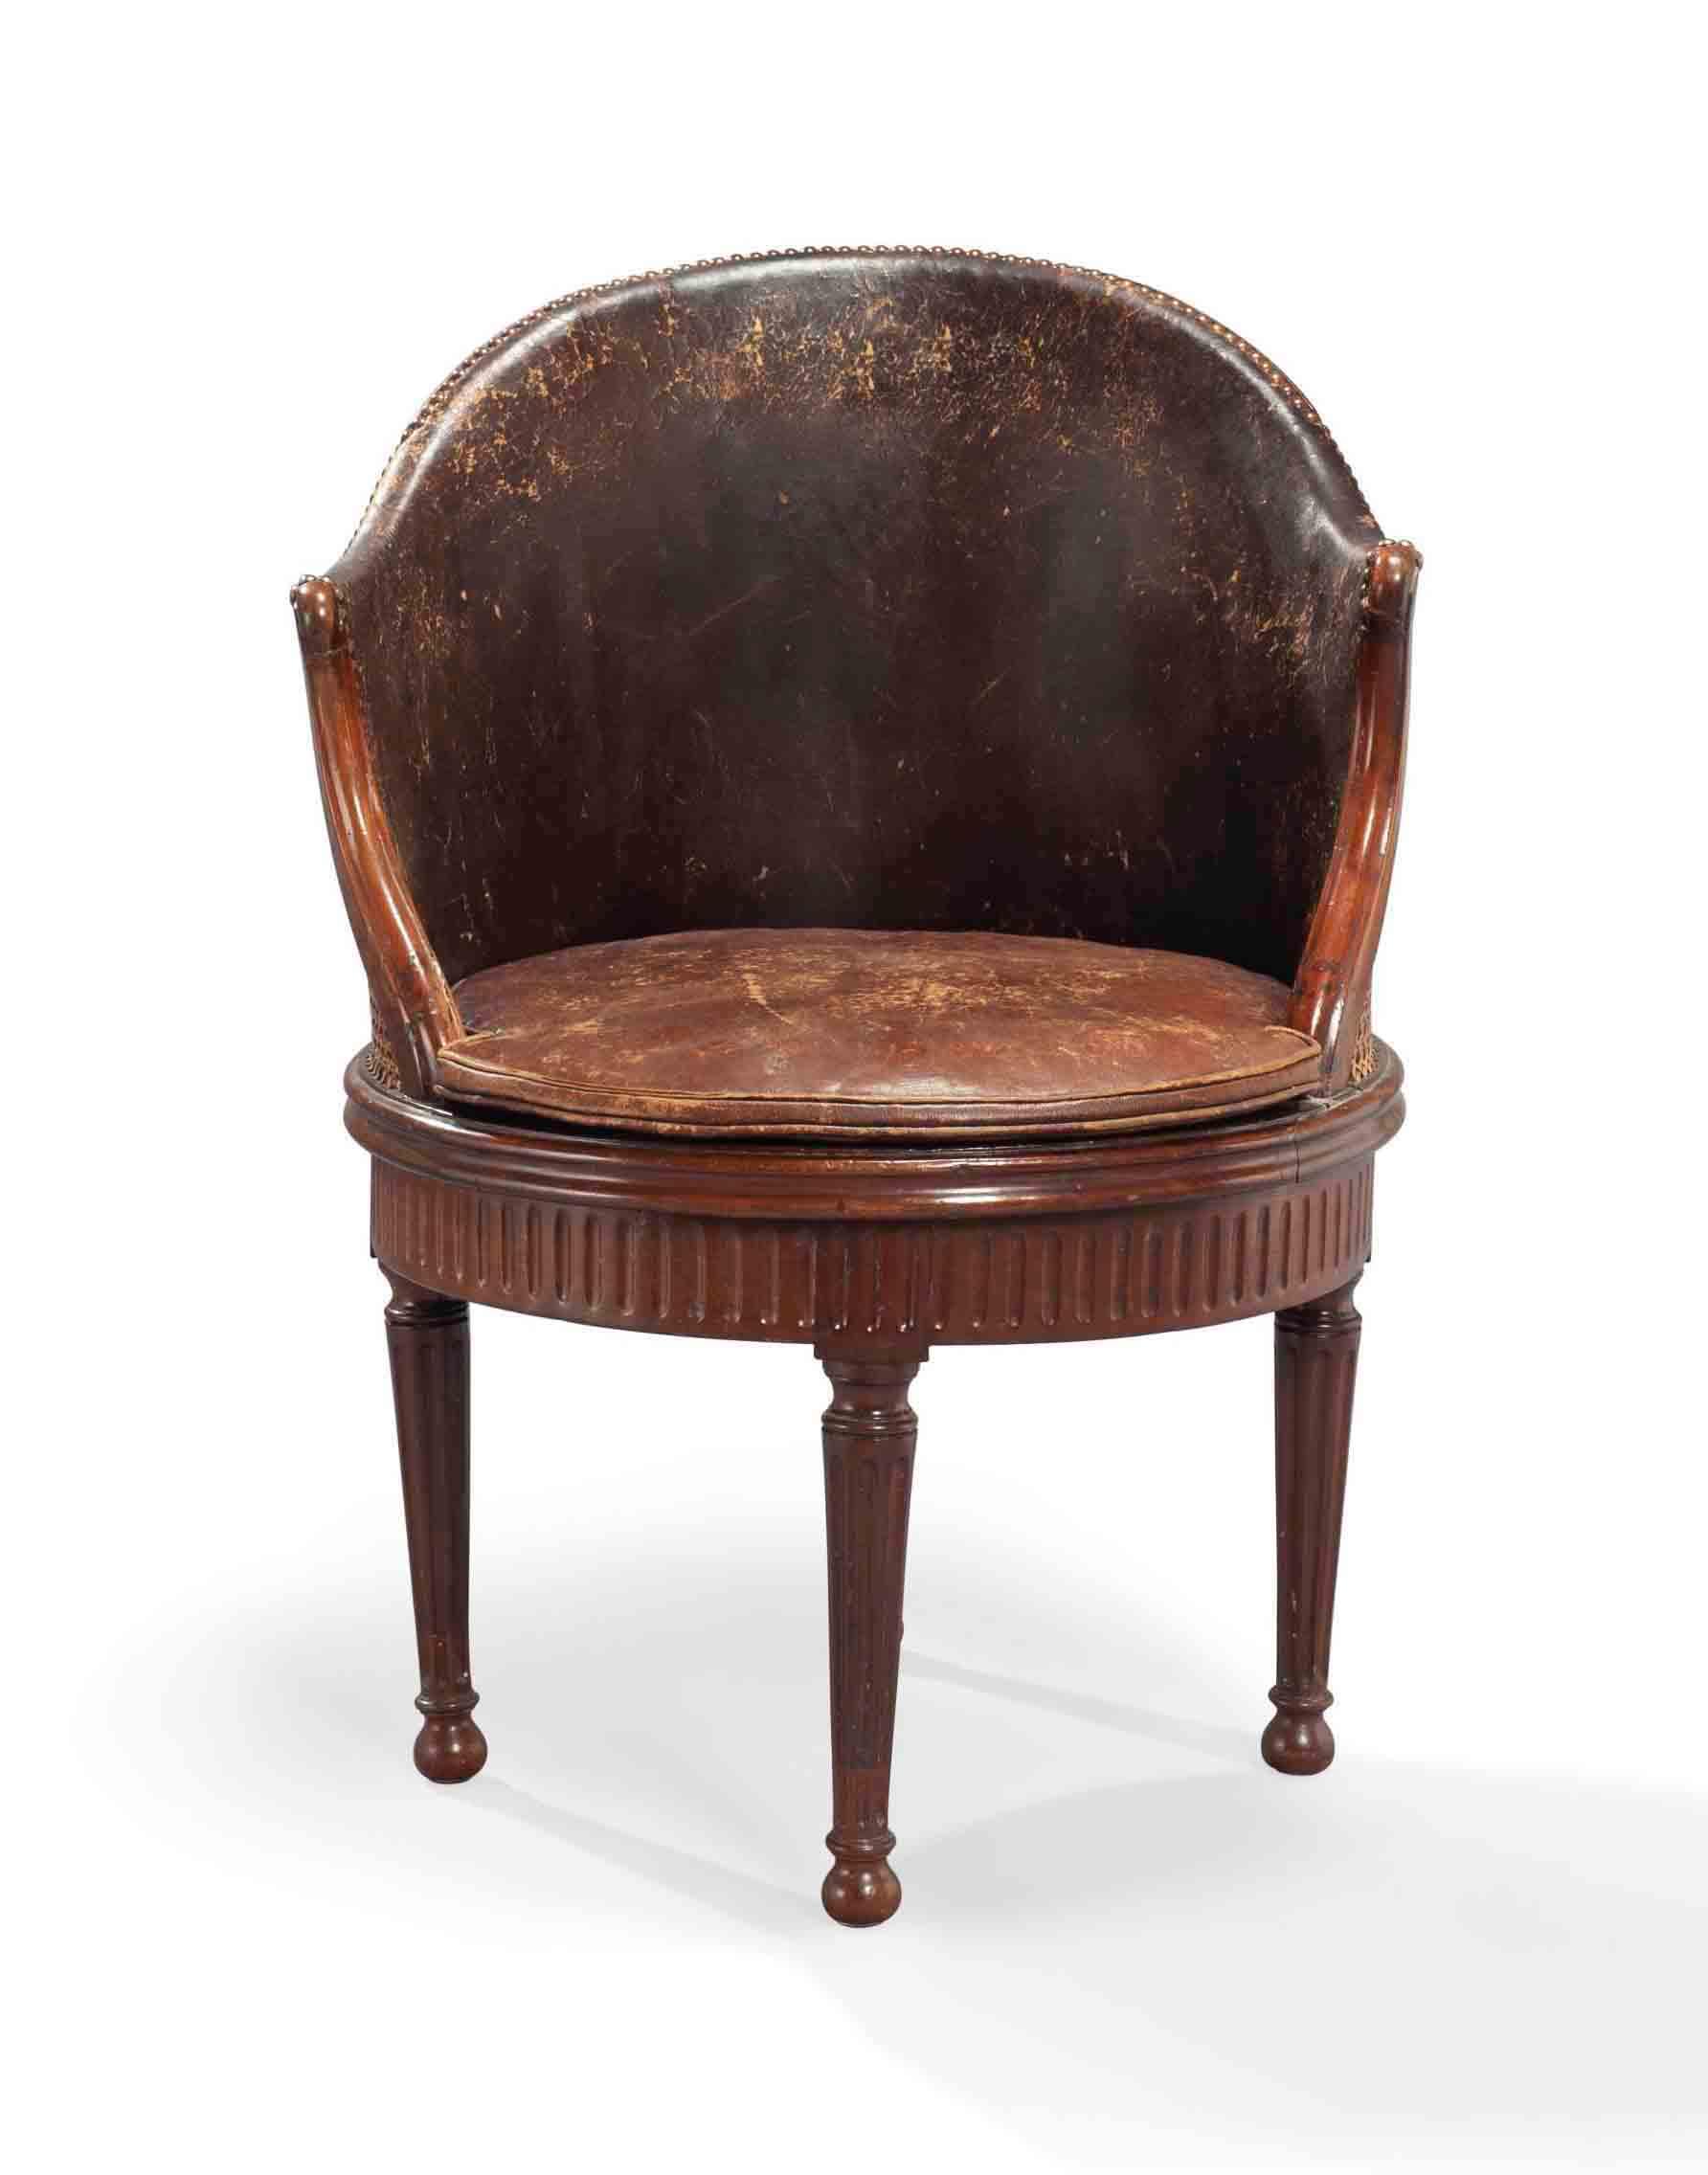 fauteuil de bureau tournant d 39 epoque louis xvi estampille de pierre garnier troisieme quart. Black Bedroom Furniture Sets. Home Design Ideas